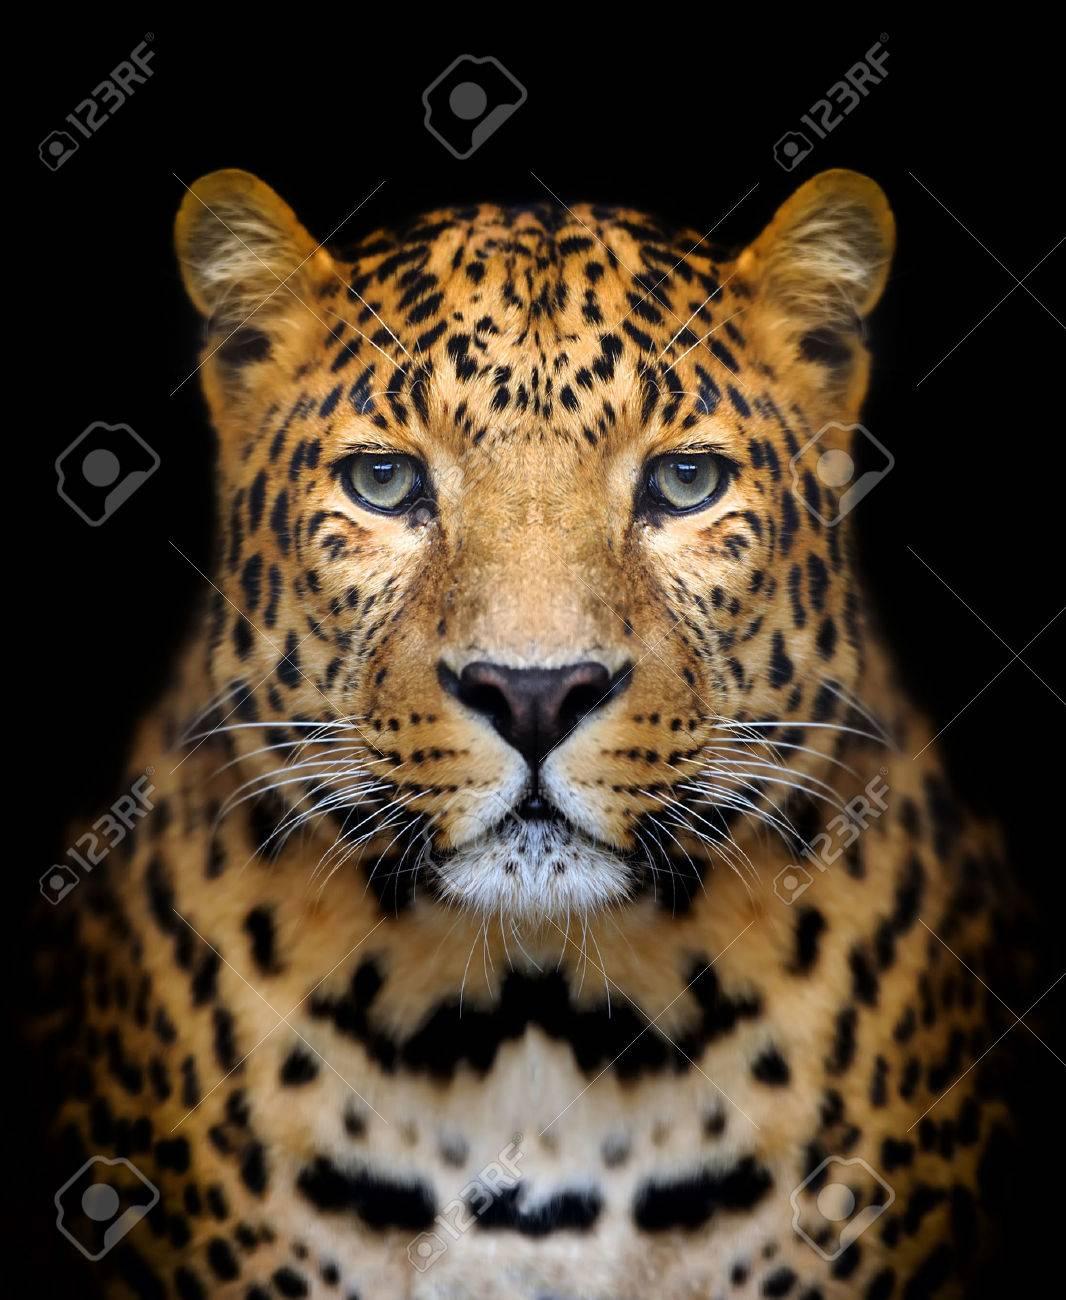 Close-up leopard portrait on dark background Standard-Bild - 40502196